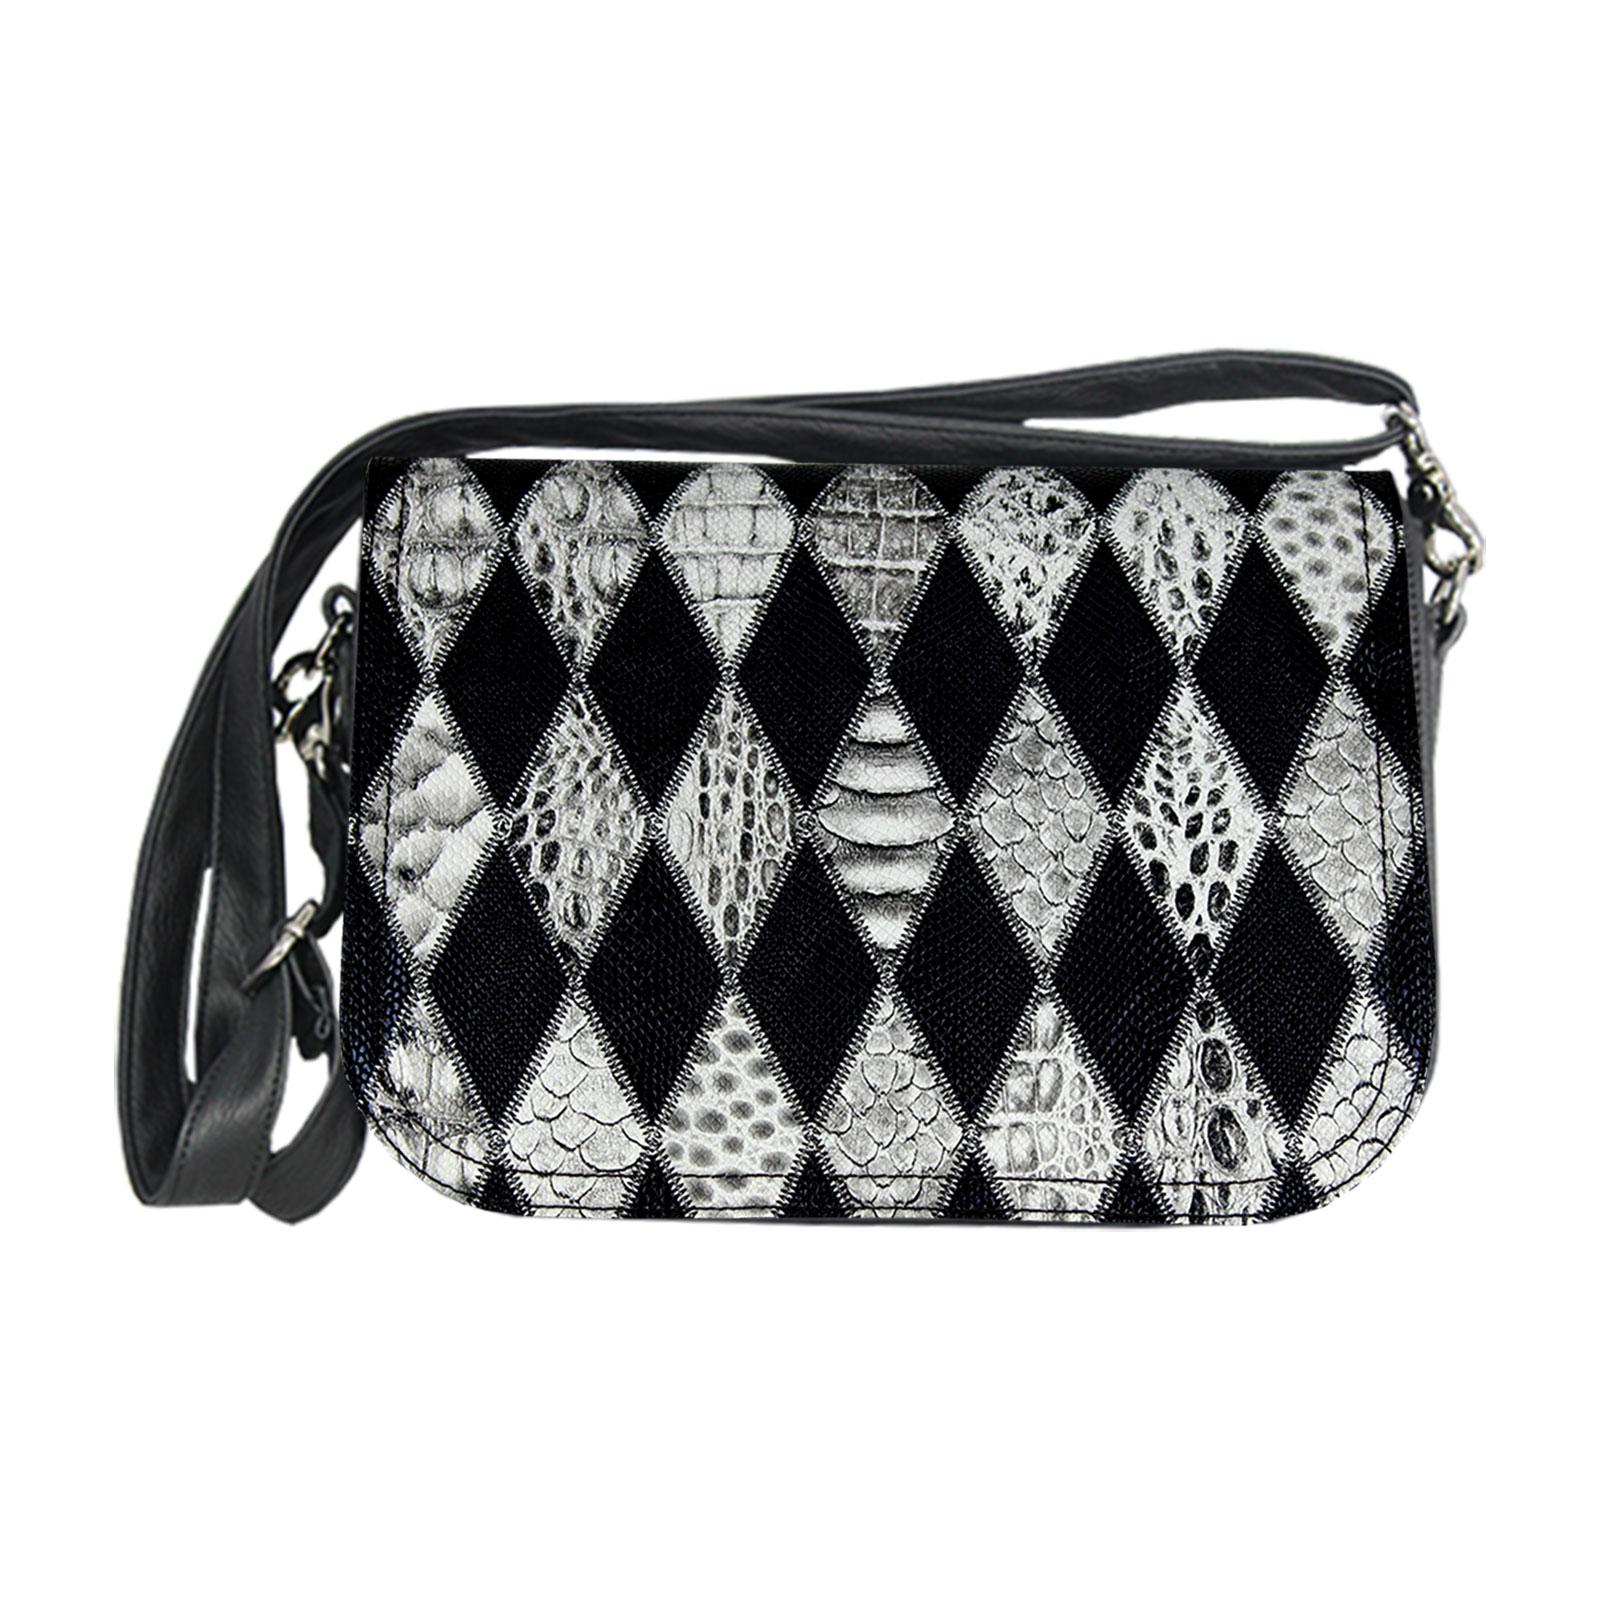 schwarz weiße Handtasche im Zebradesign